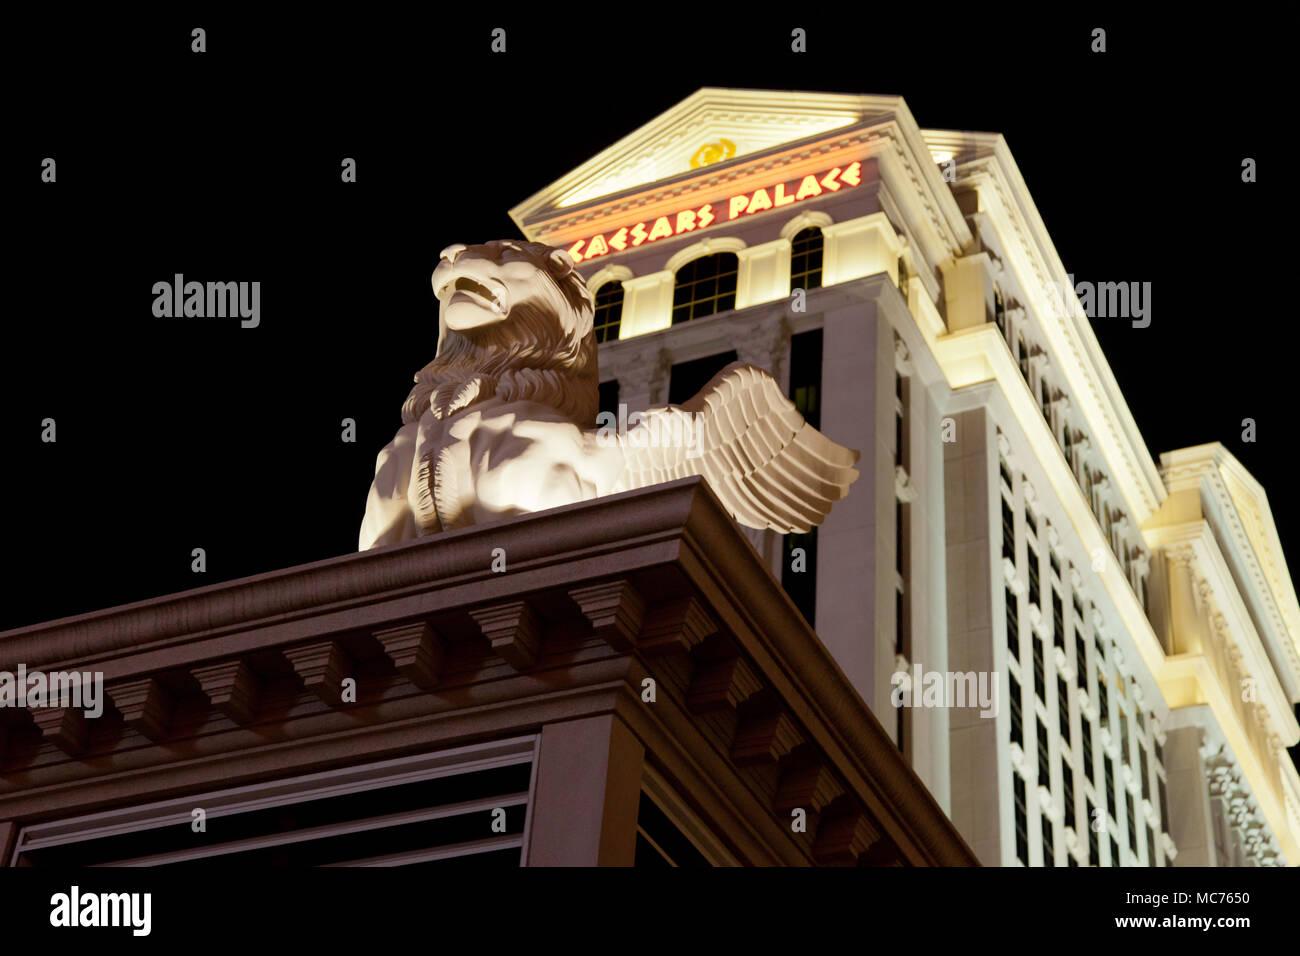 Caesar's Palace. Las Vegas, Nevada - Stock Image